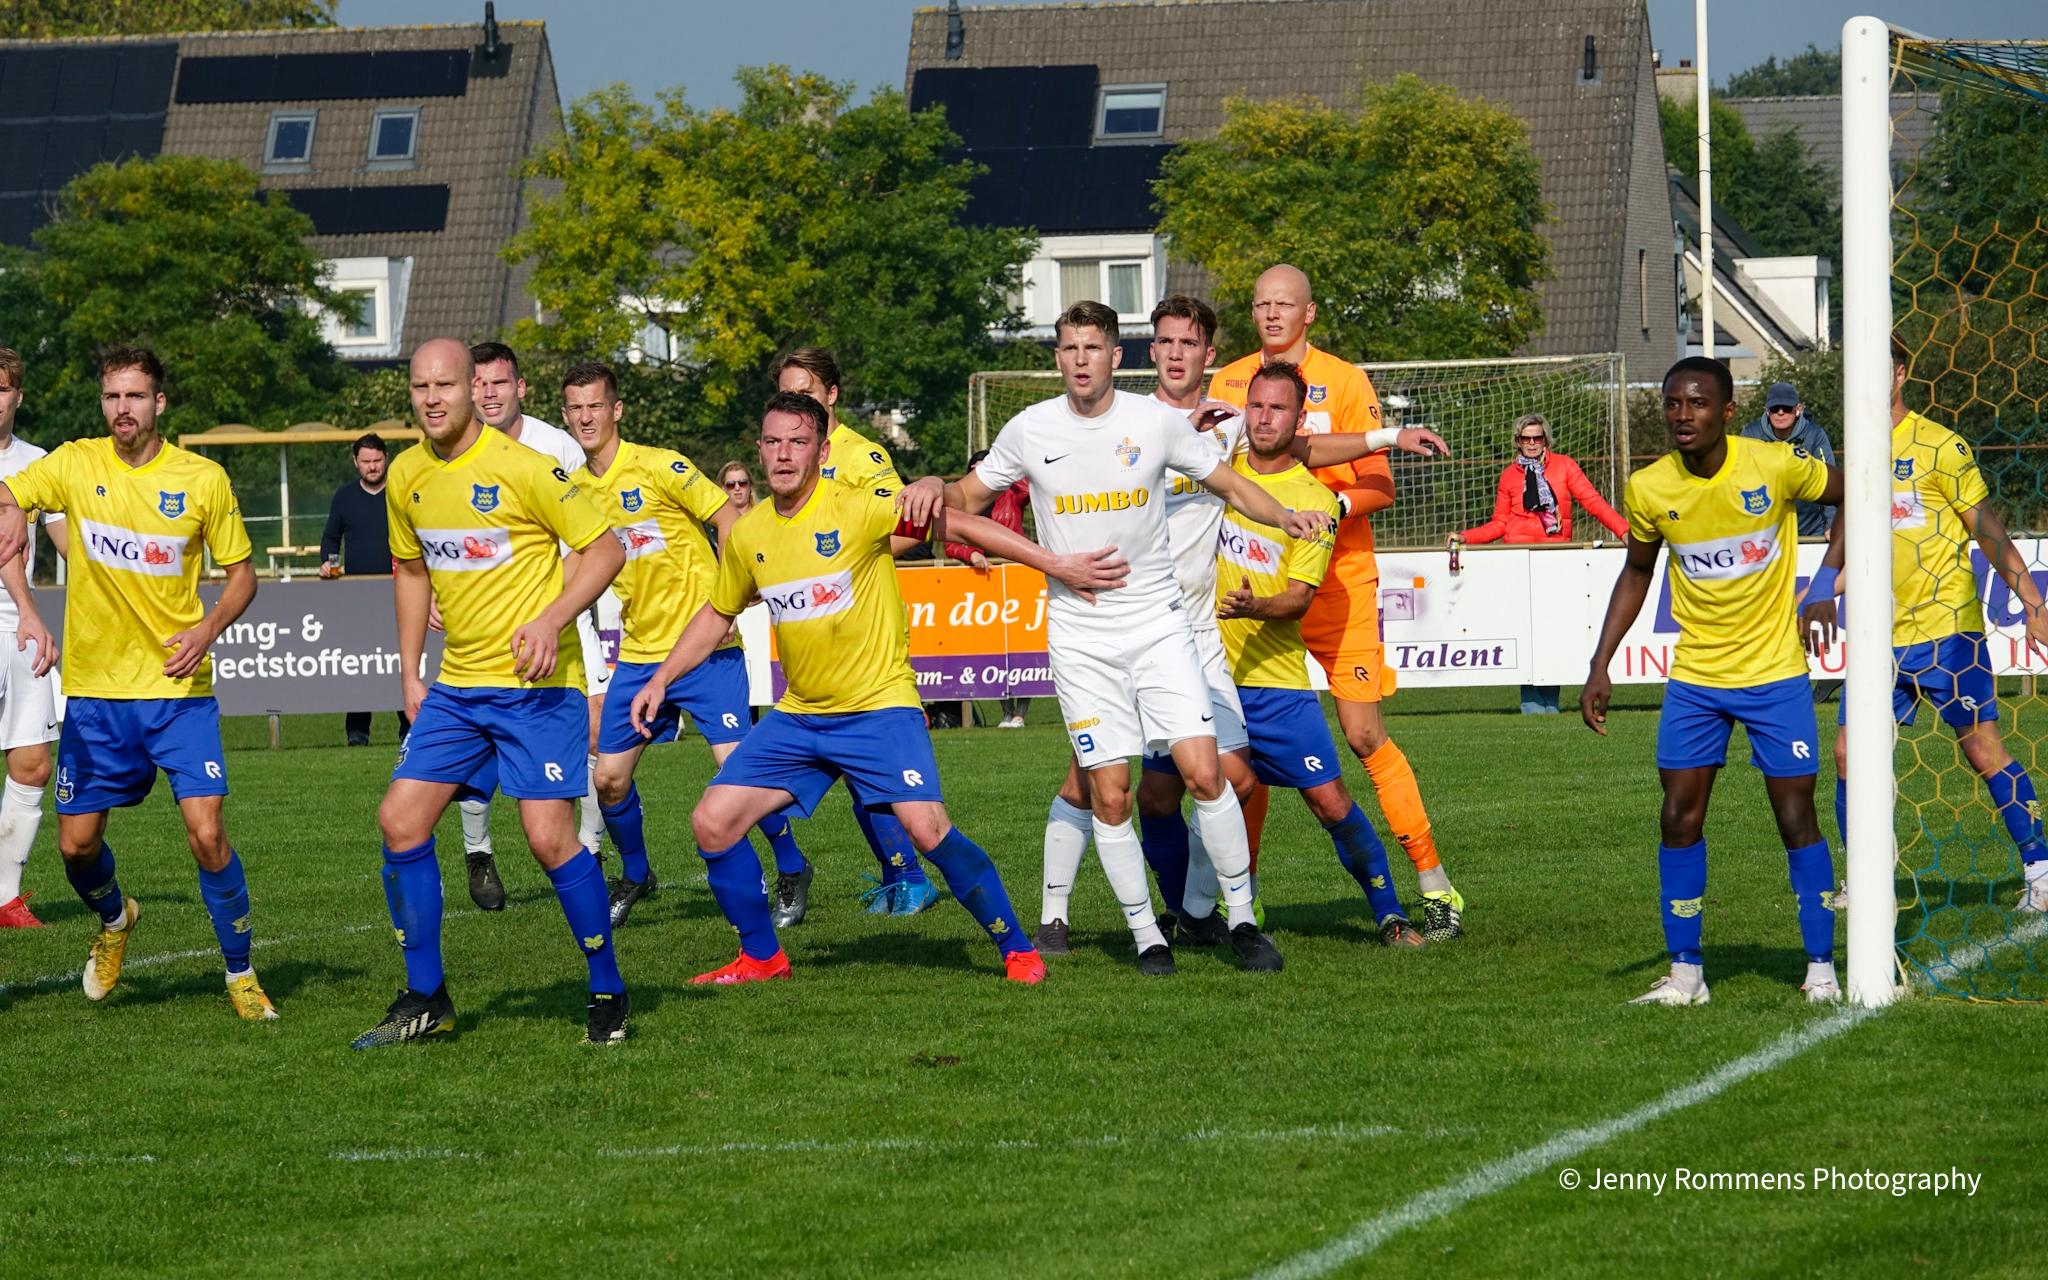 VV Dongen stijgt vijf plaatsten na winst op Hoogland